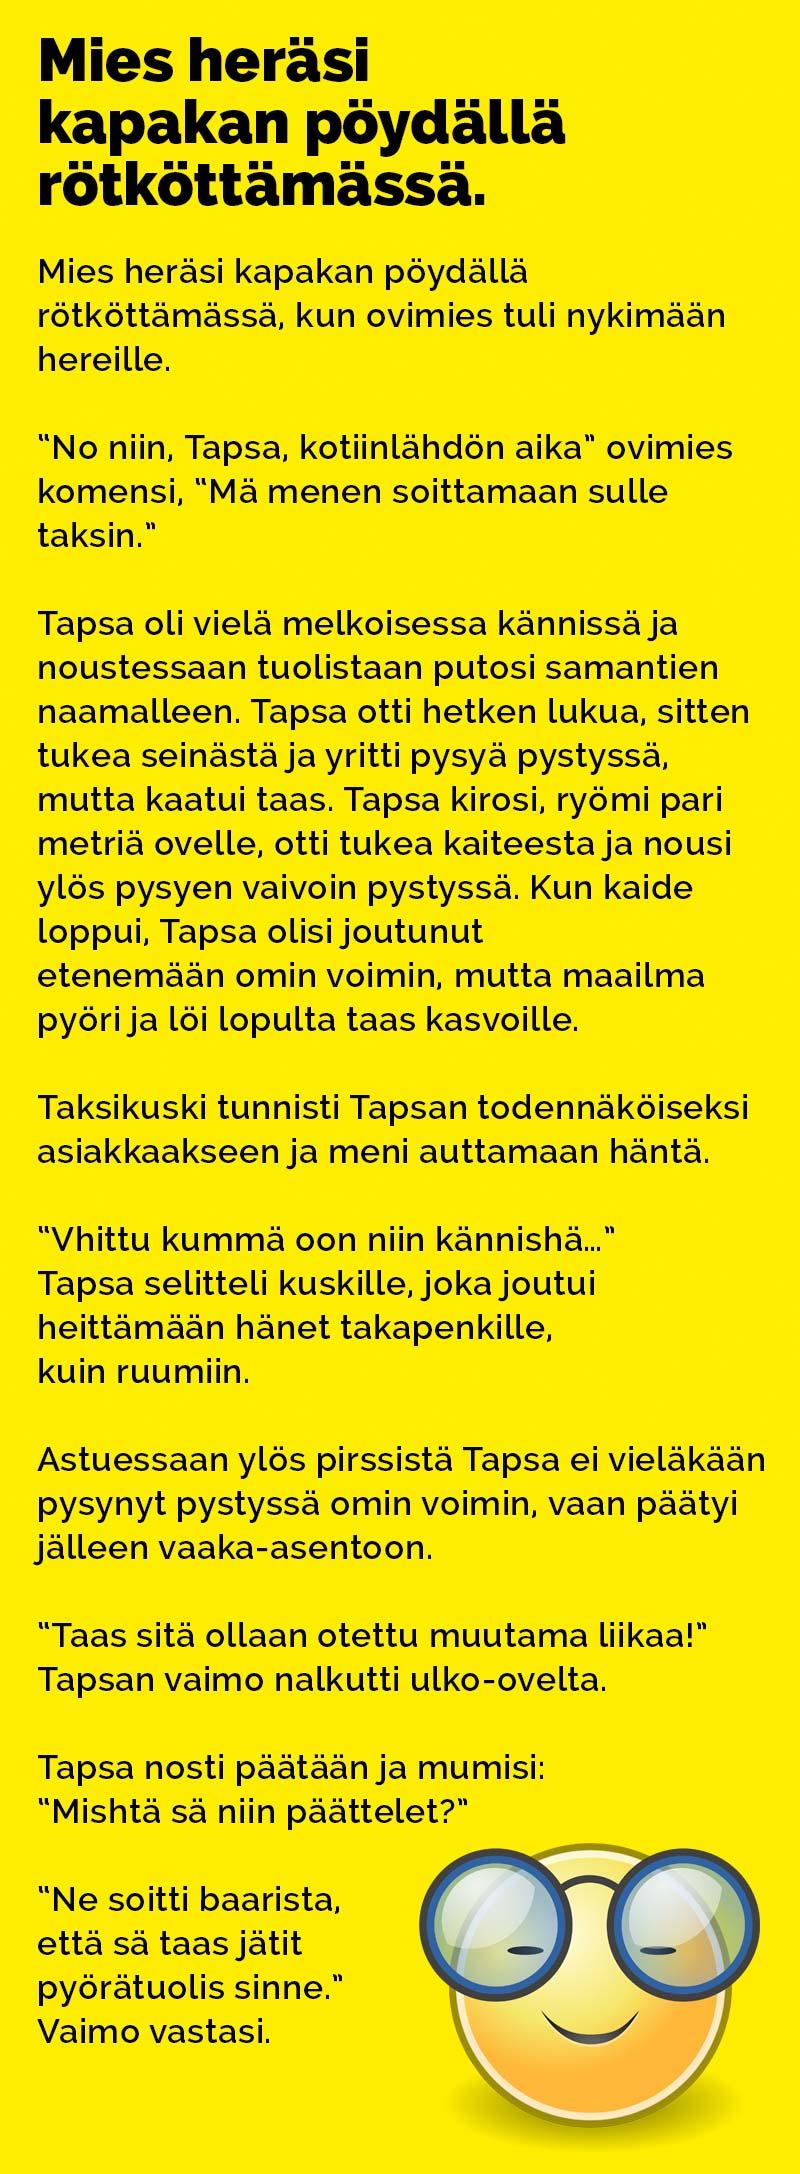 mies_herasi_kapakan_poydalla_rotkottamassa_2